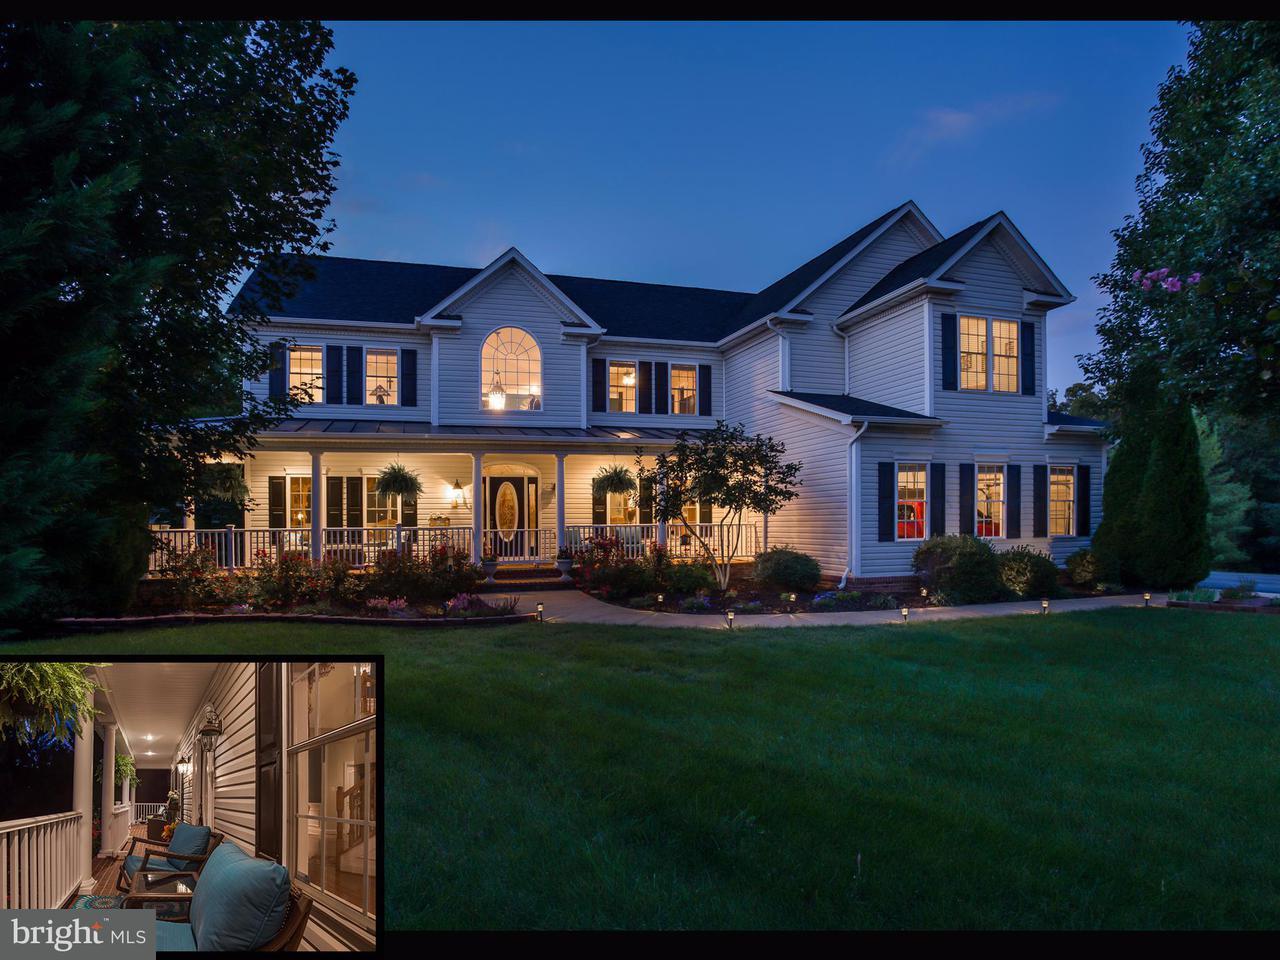 Casa Unifamiliar por un Venta en 9 STOLEN WILL Court 9 STOLEN WILL Court Stafford, Virginia 22554 Estados Unidos